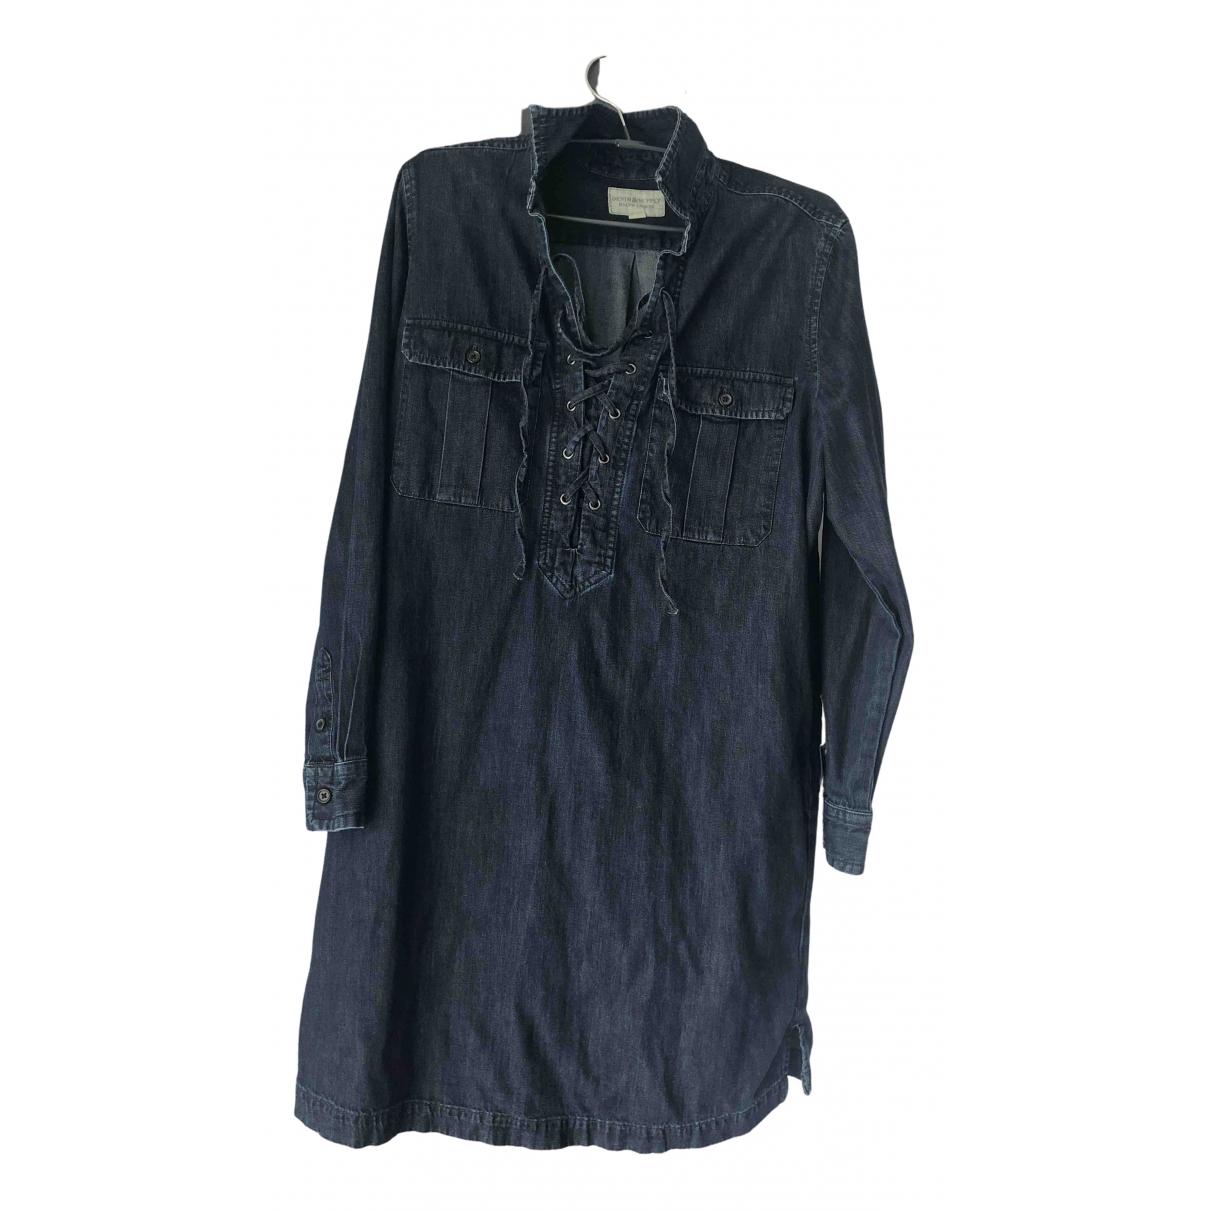 Ralph Lauren \N Kleid in  Blau Denim - Jeans